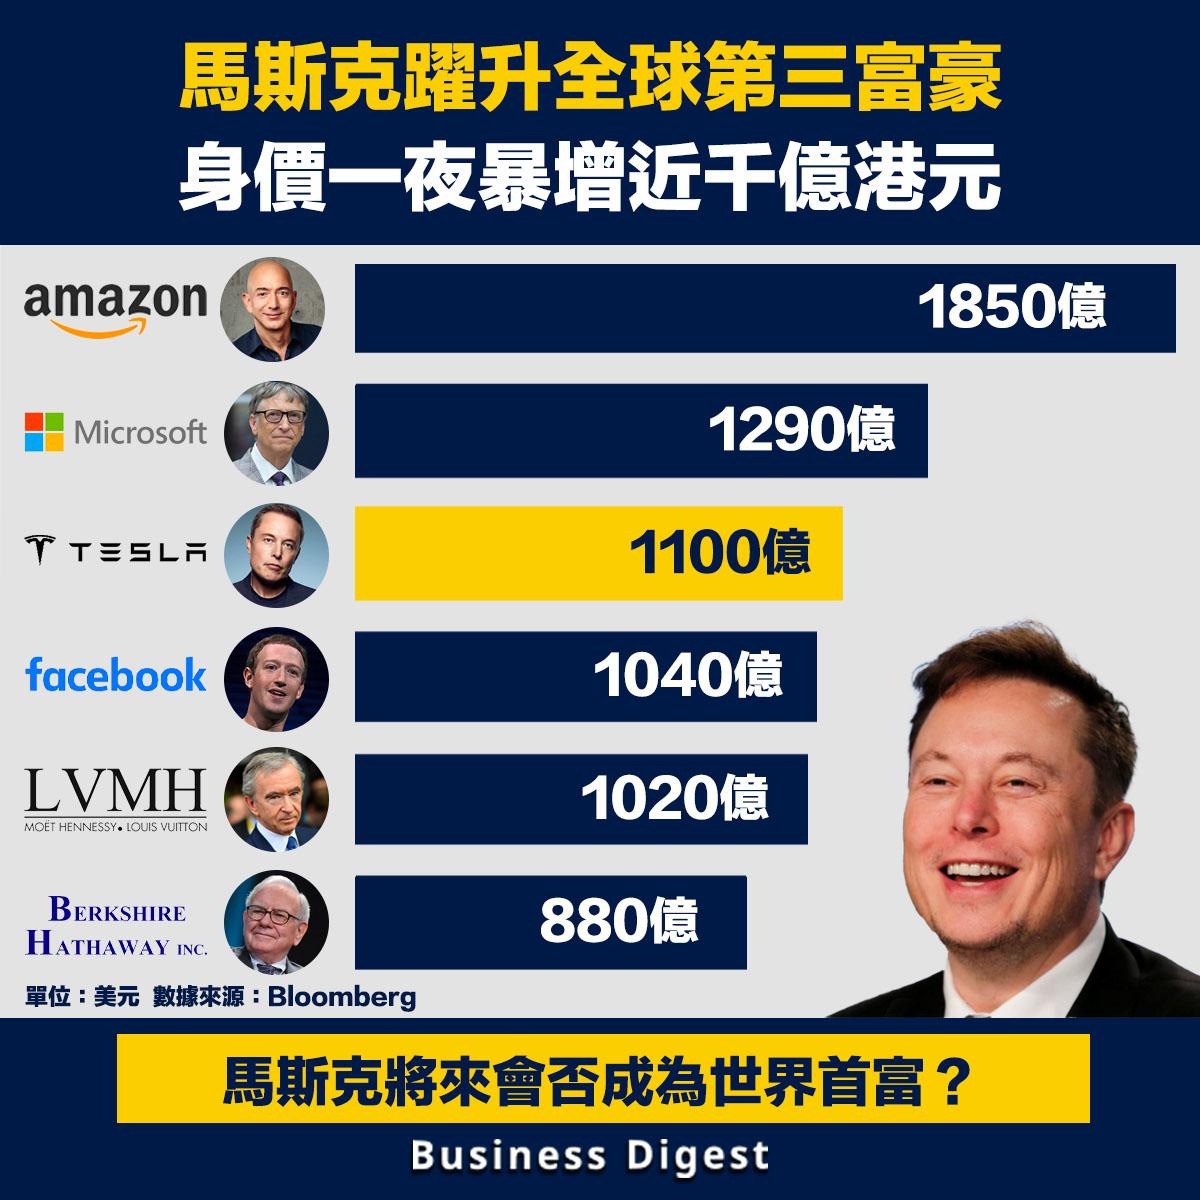 馬斯克的身價一夜暴增120億美元(約930億港元),成為全球第三大富豪